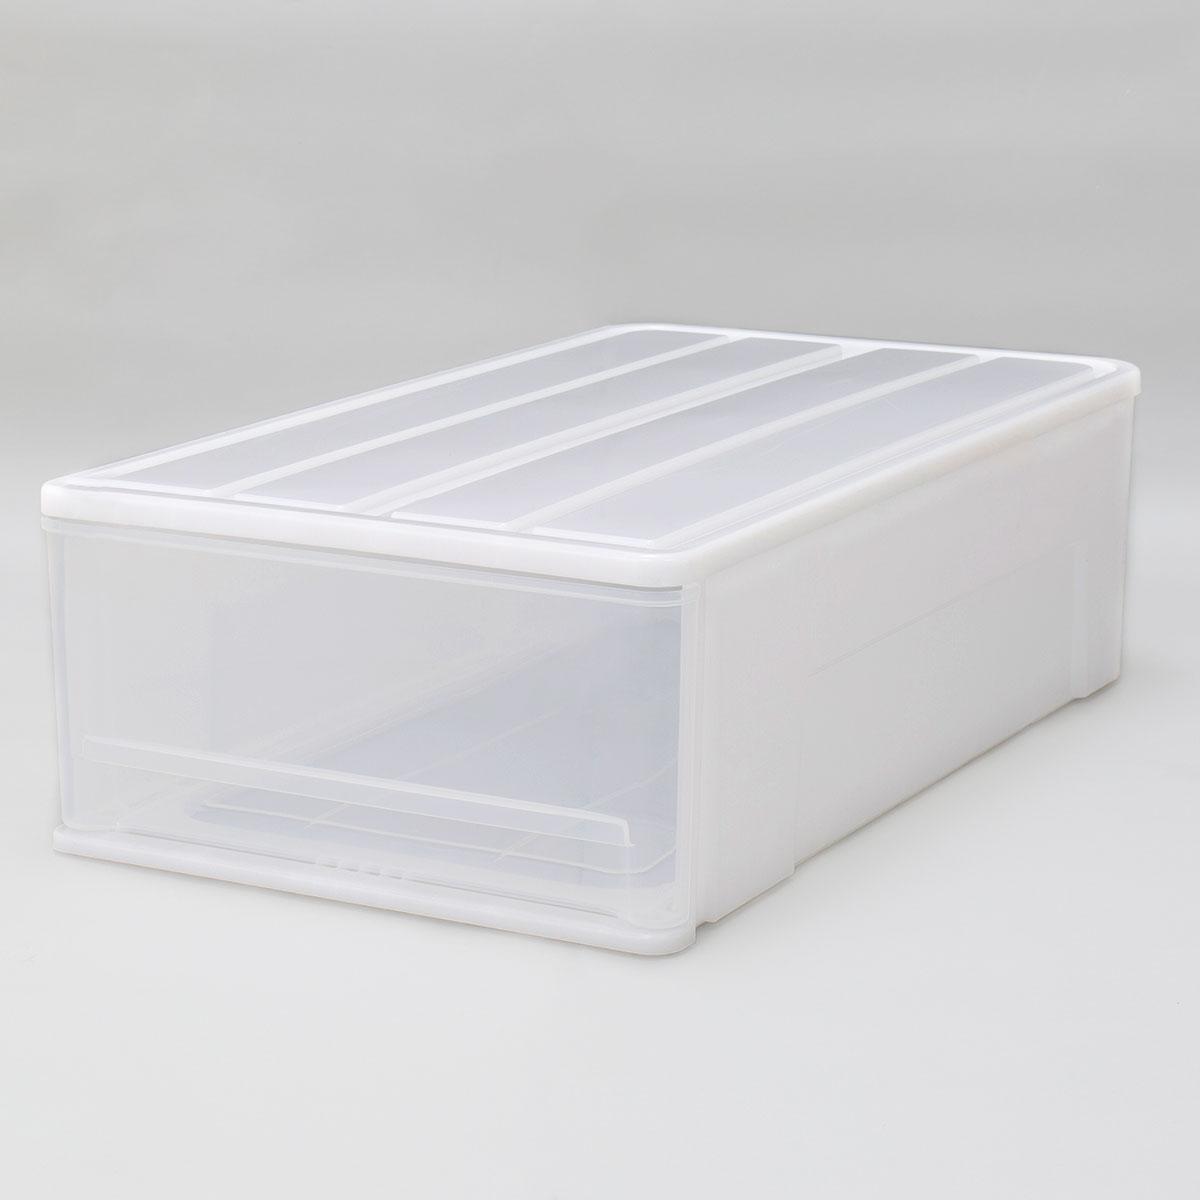 押入れ衣装ケース ワイドタイプ 3個セット(セレスFD オシイレワイドM H23)